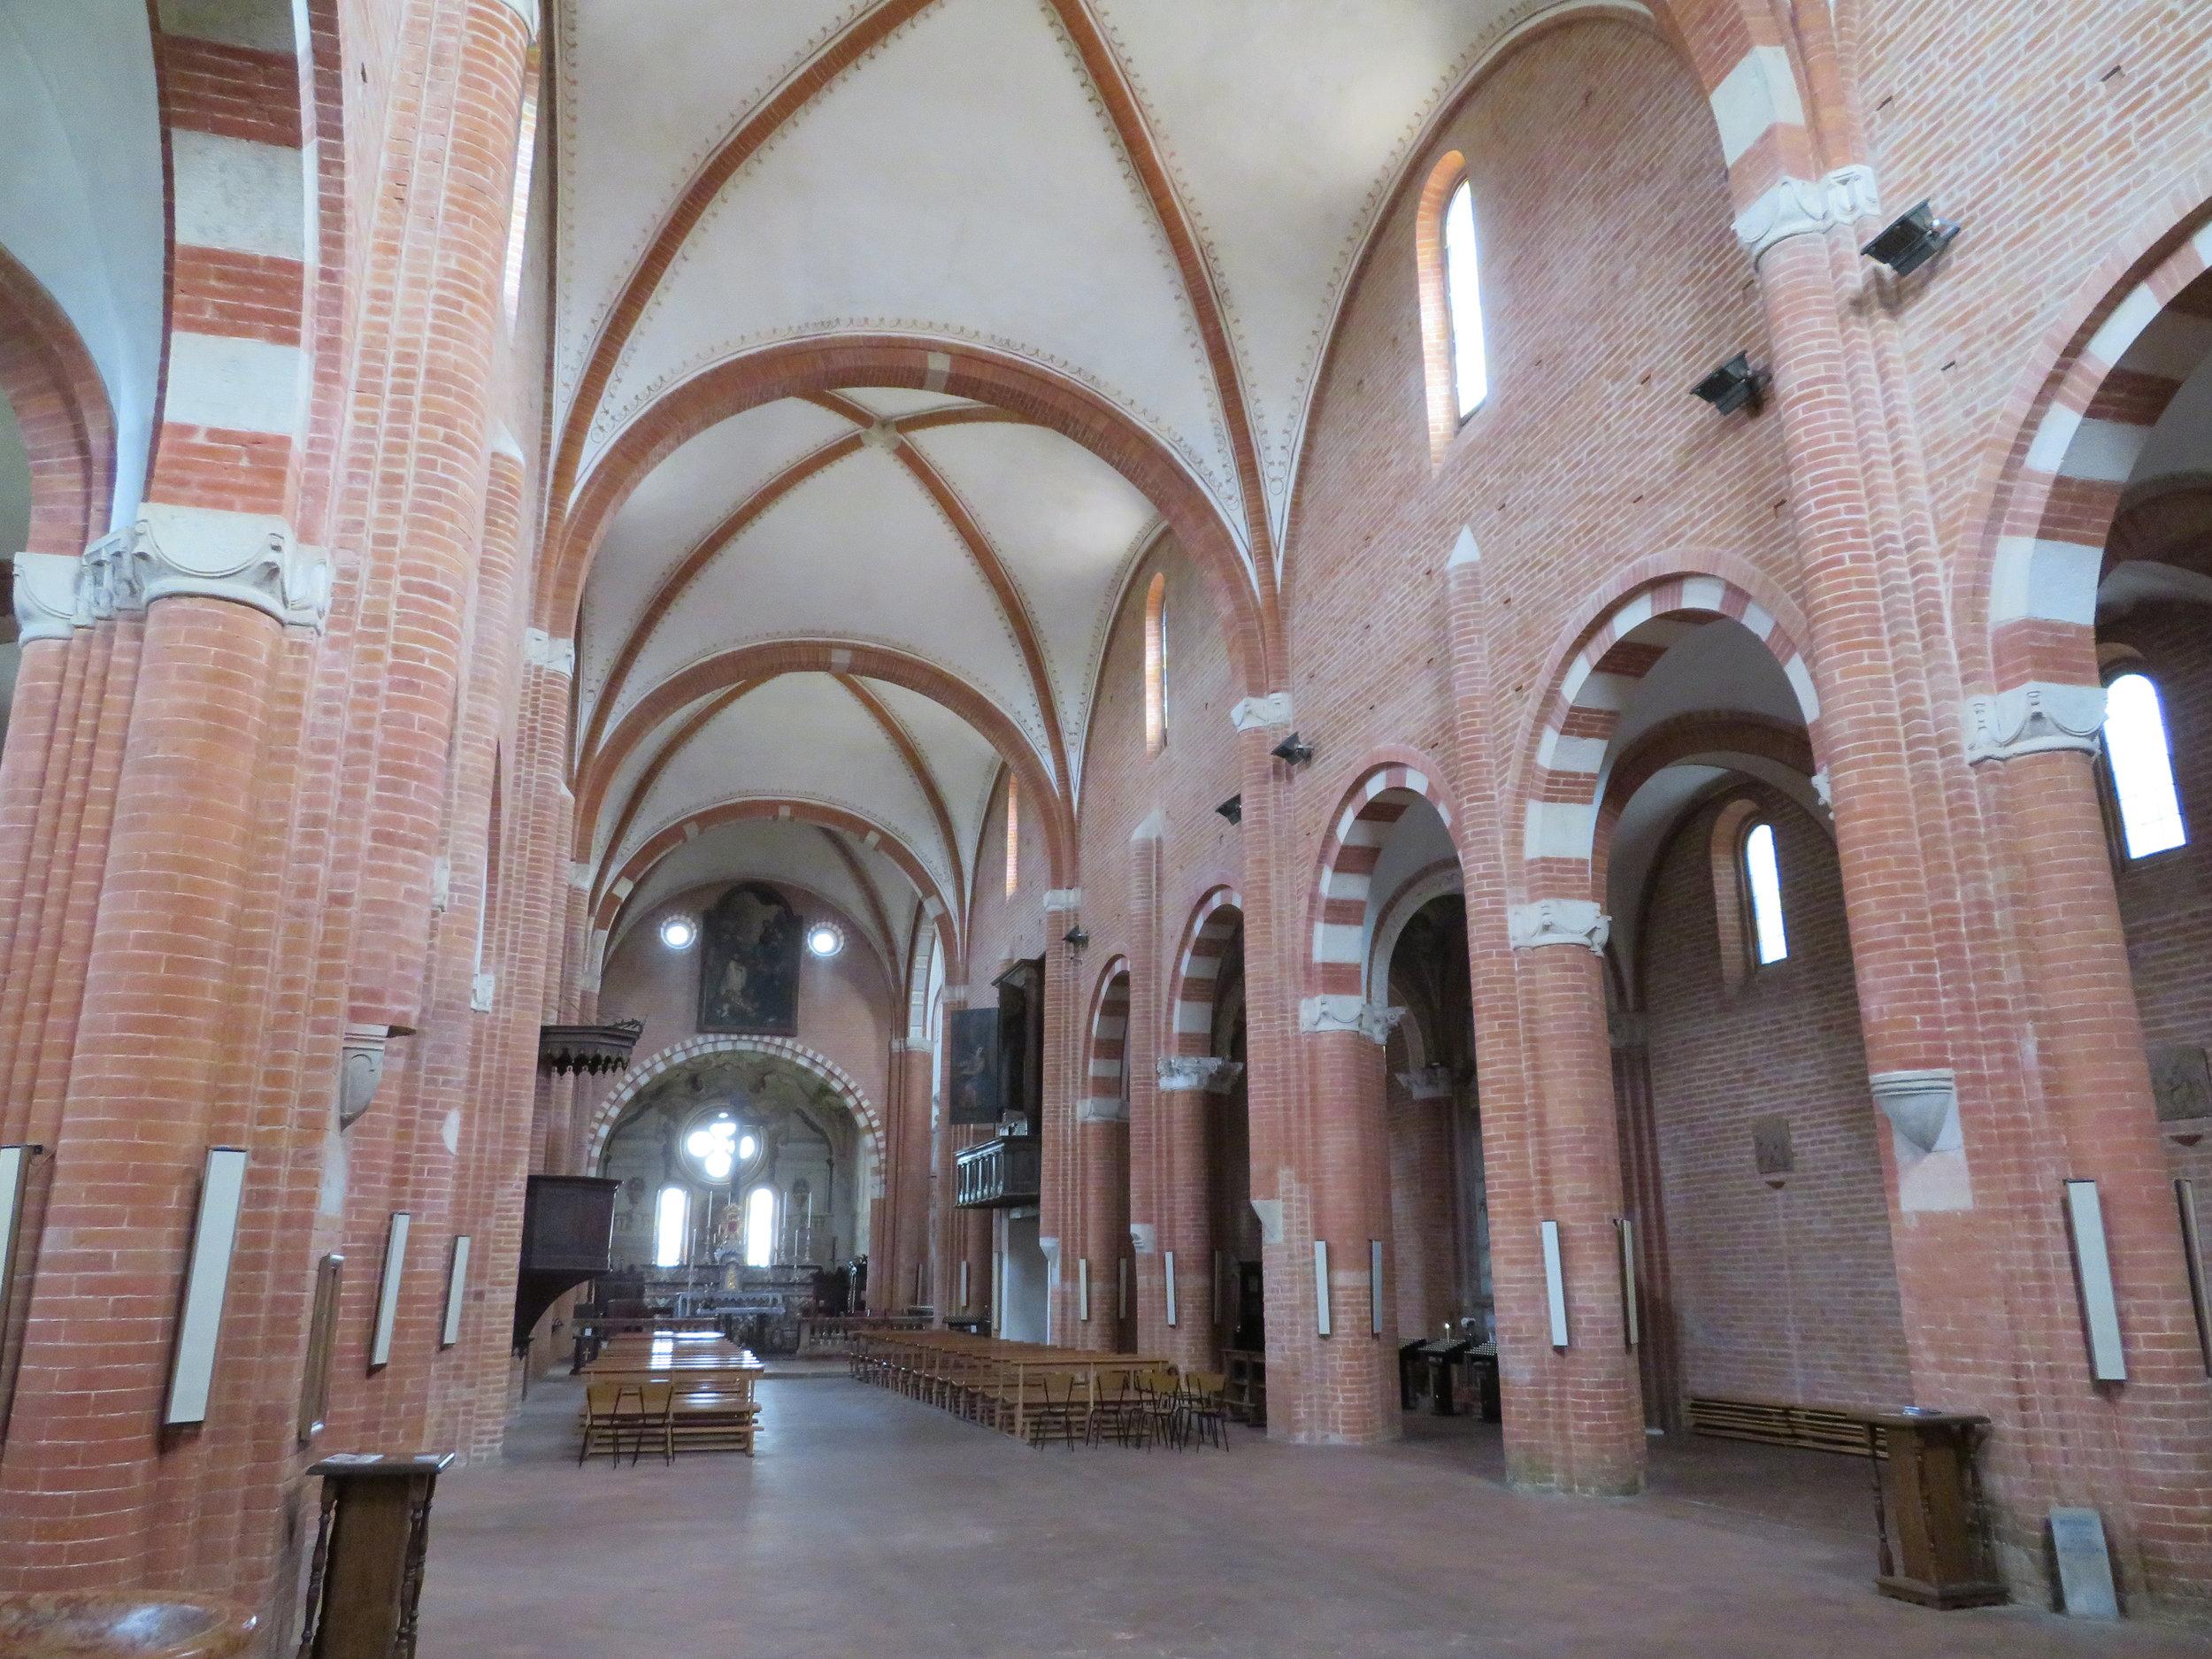 A peek inside the Abbey